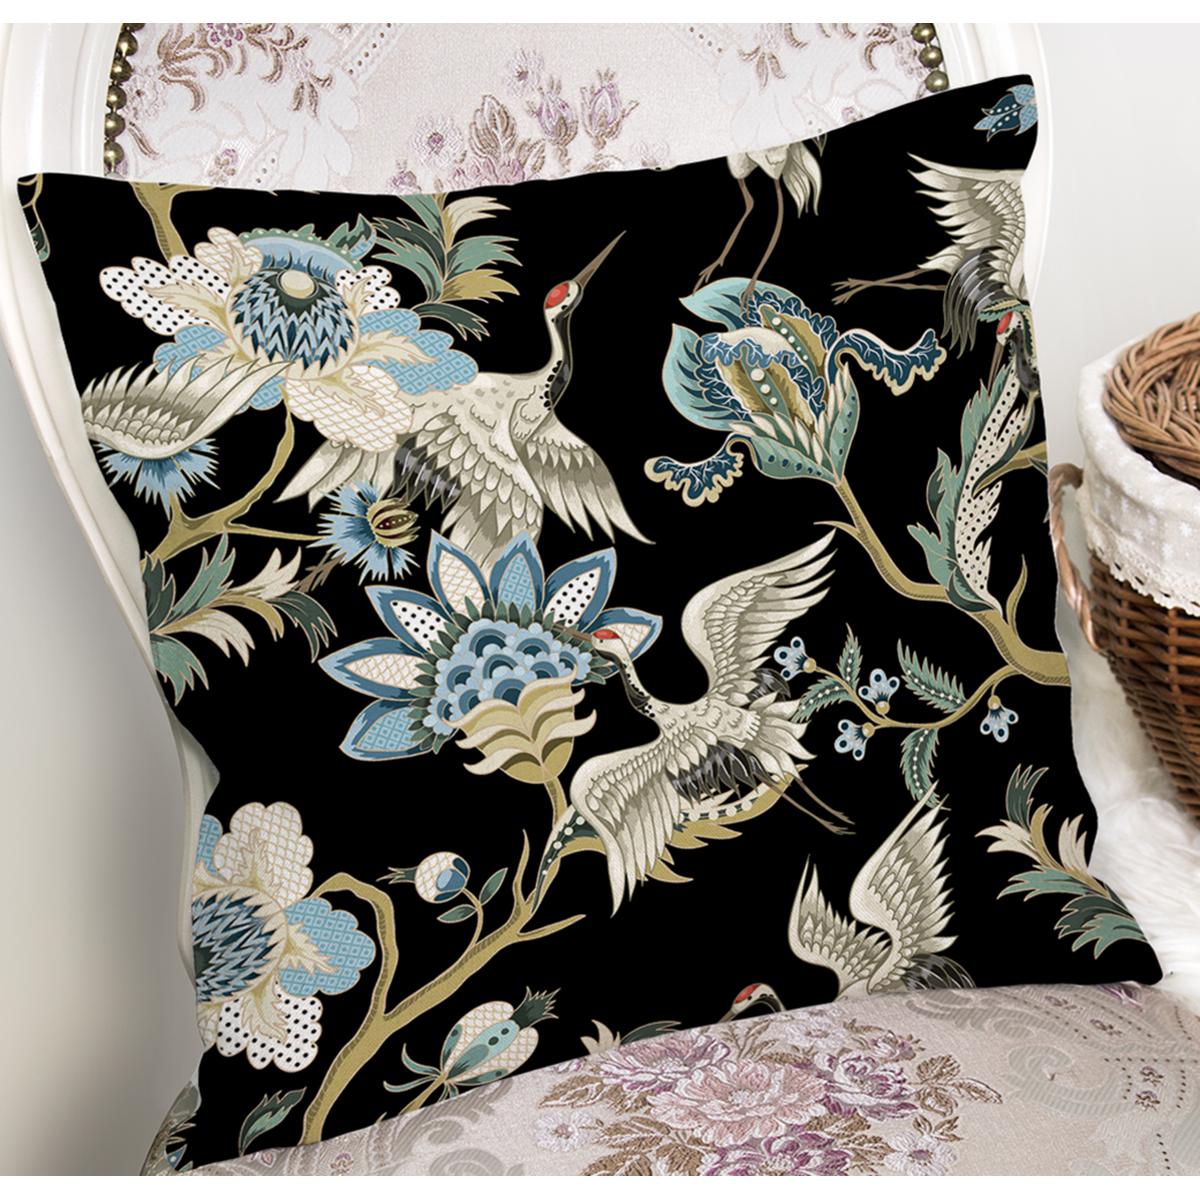 Siyah Zemin Üzerinde Renkli Çiçek Desenli Yastık Kırlent Kılıfı Realhomes